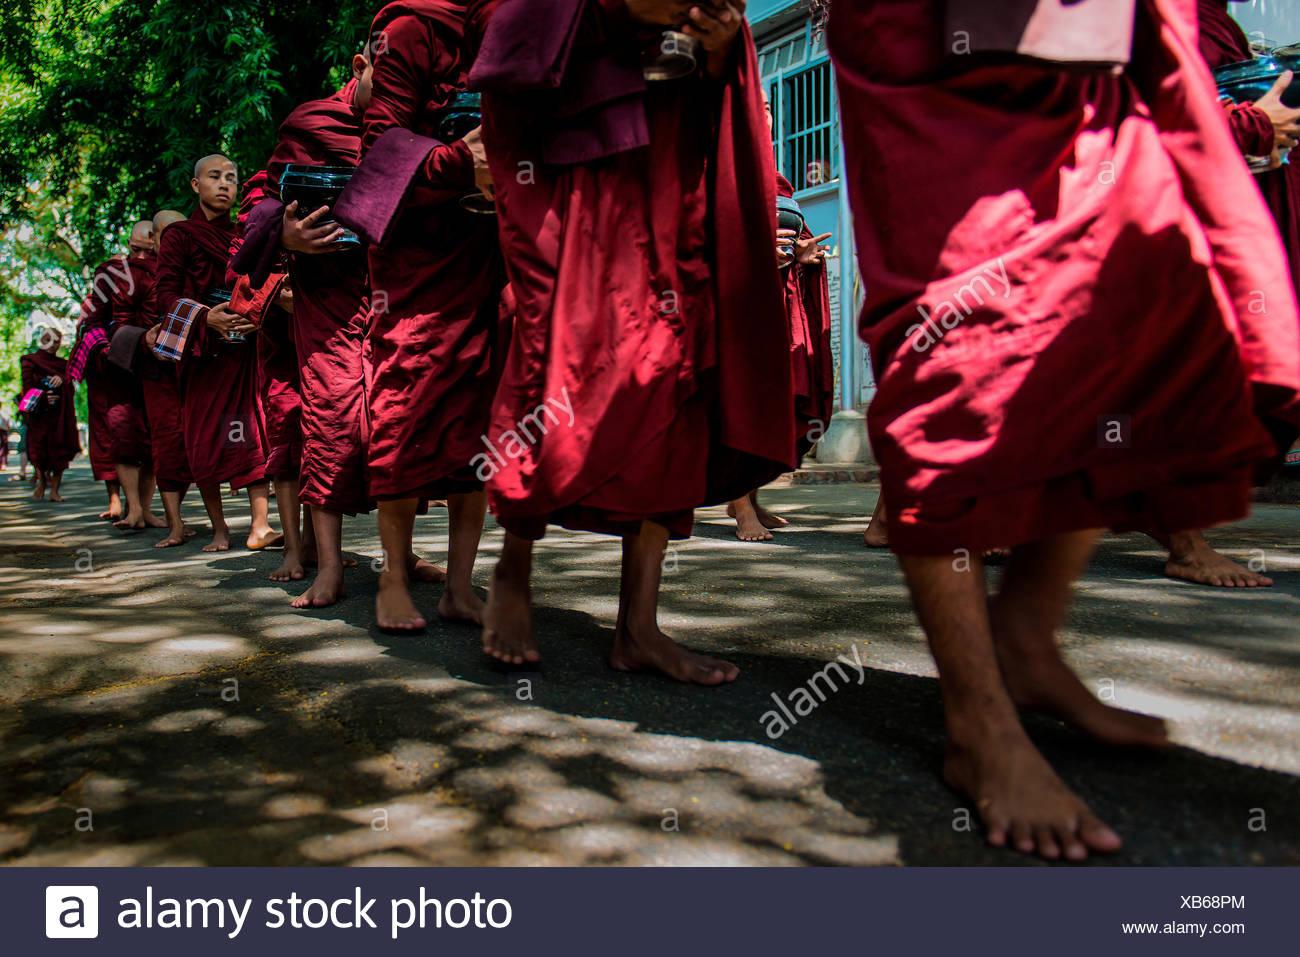 Monasterio Mahagandayon, Amarapura, Myanmar, el sur de Asia oriental. Los monjes en una fila para el ritual de la comida. Imagen De Stock